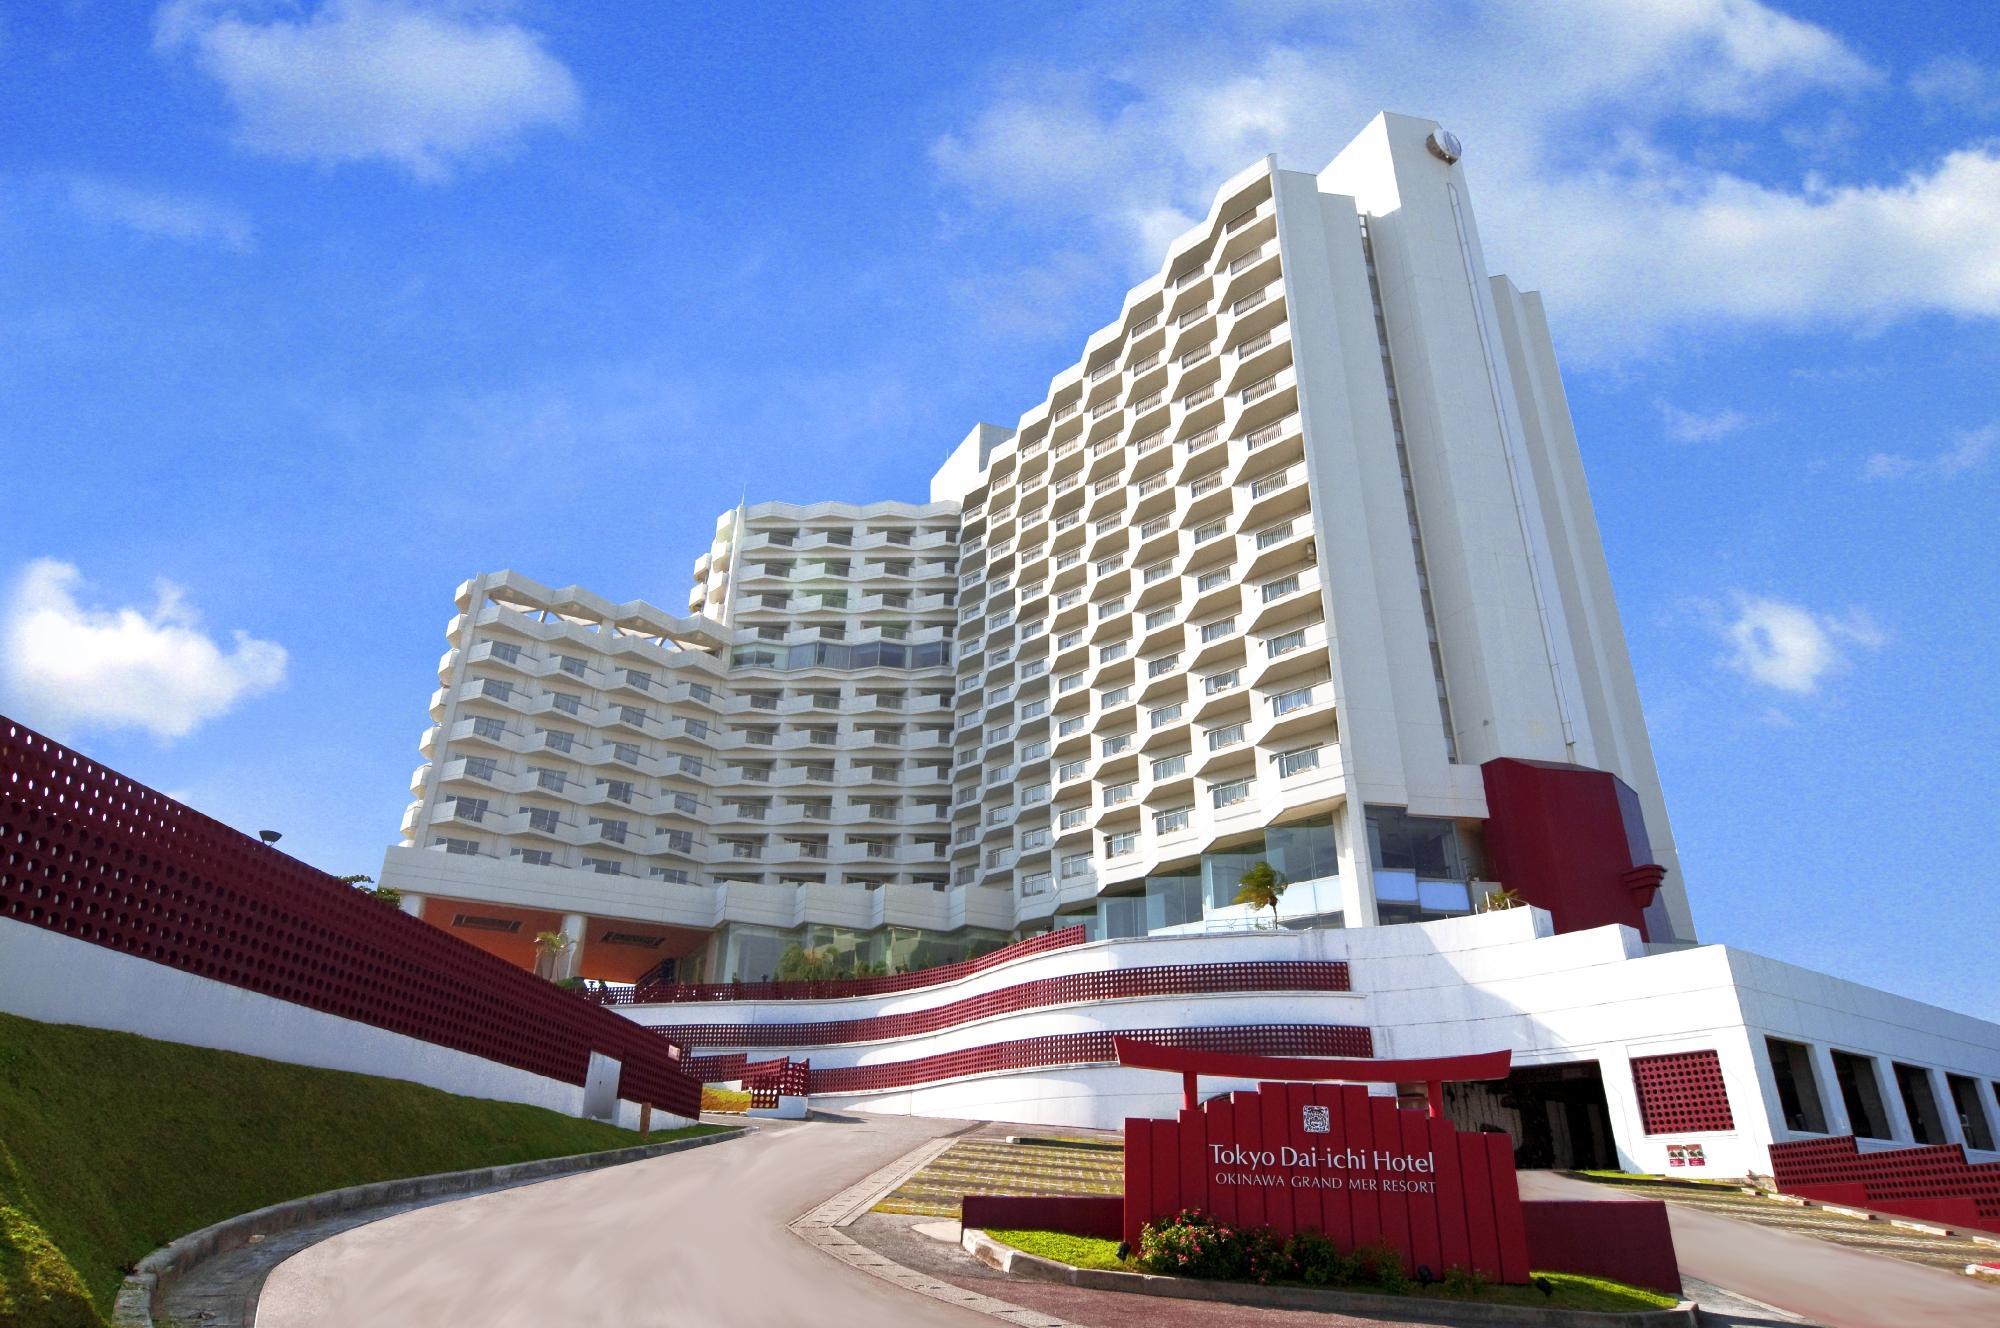 Tokyo Dai-ichi Hotel Okinawa Grand Mer Resort